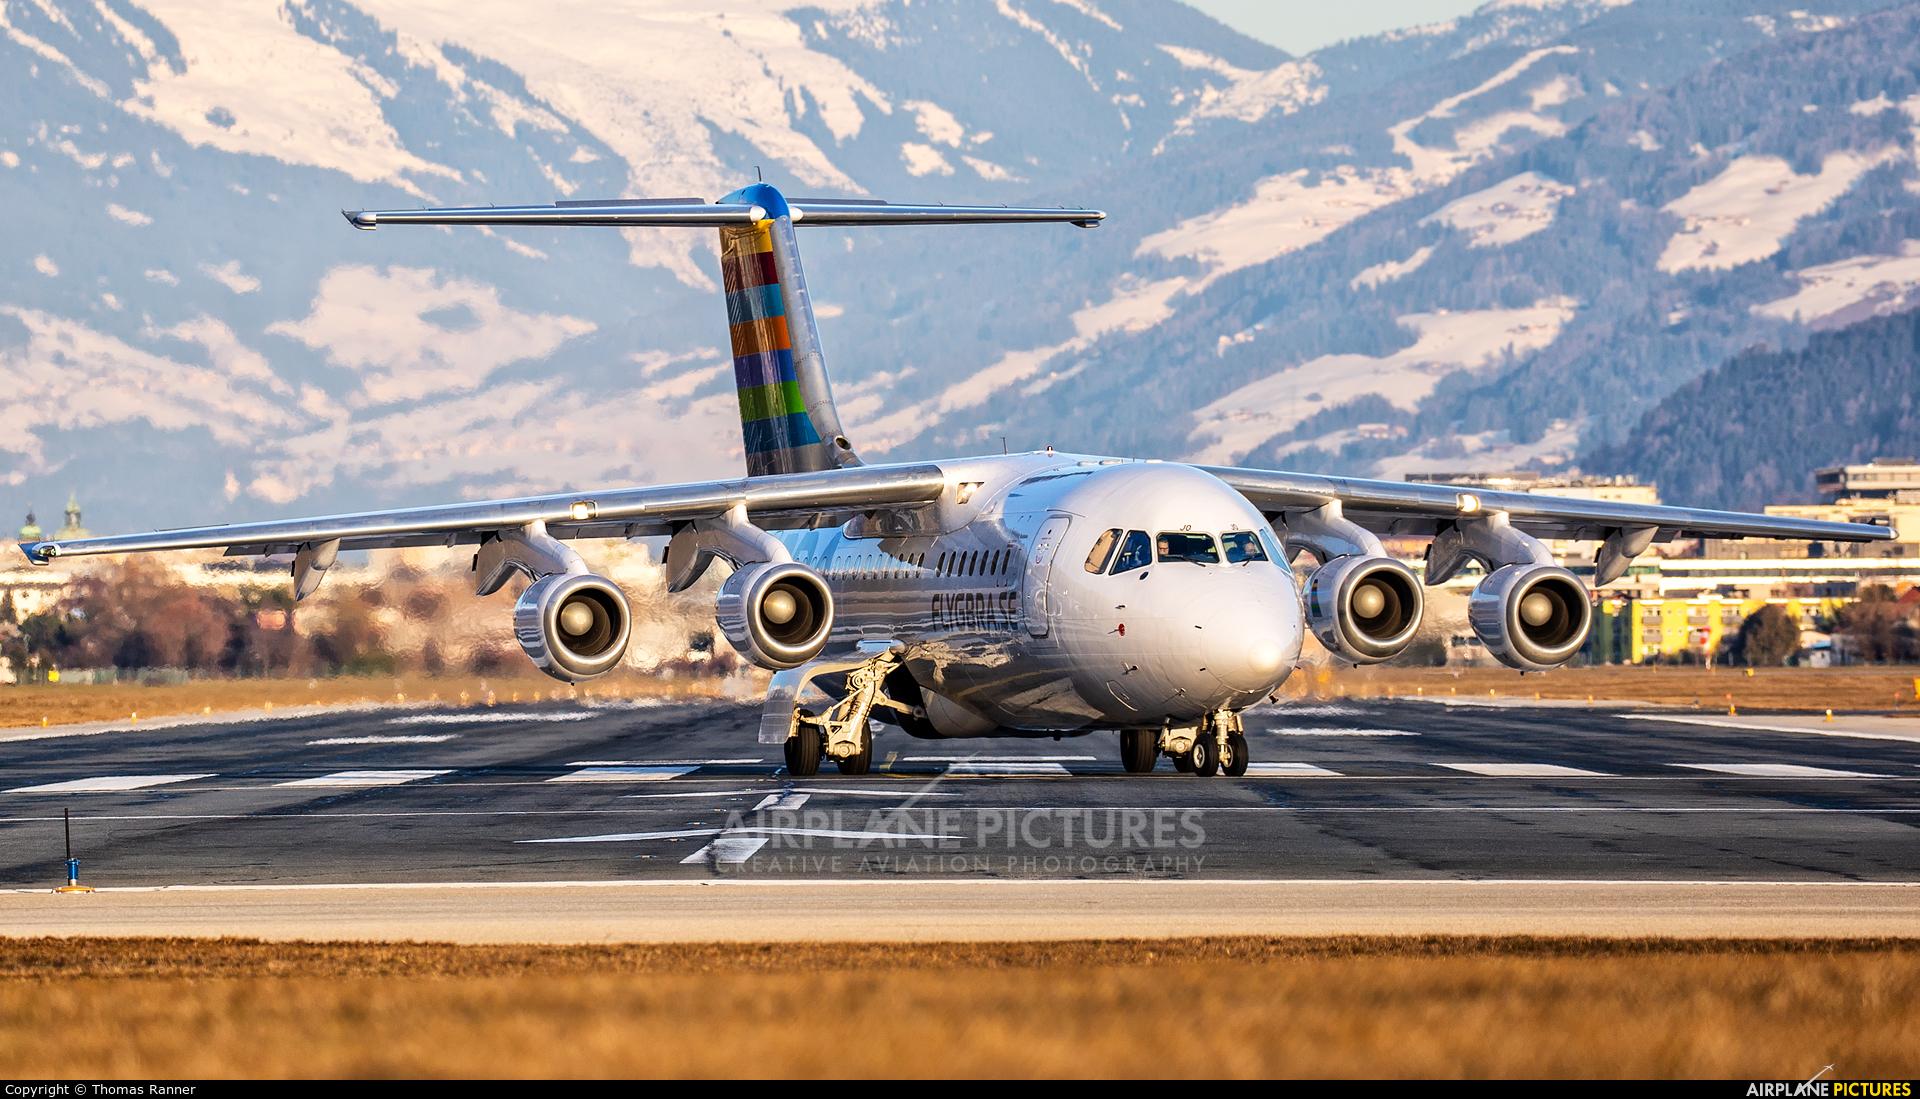 BRA (Sweden) SE-DJO aircraft at Innsbruck